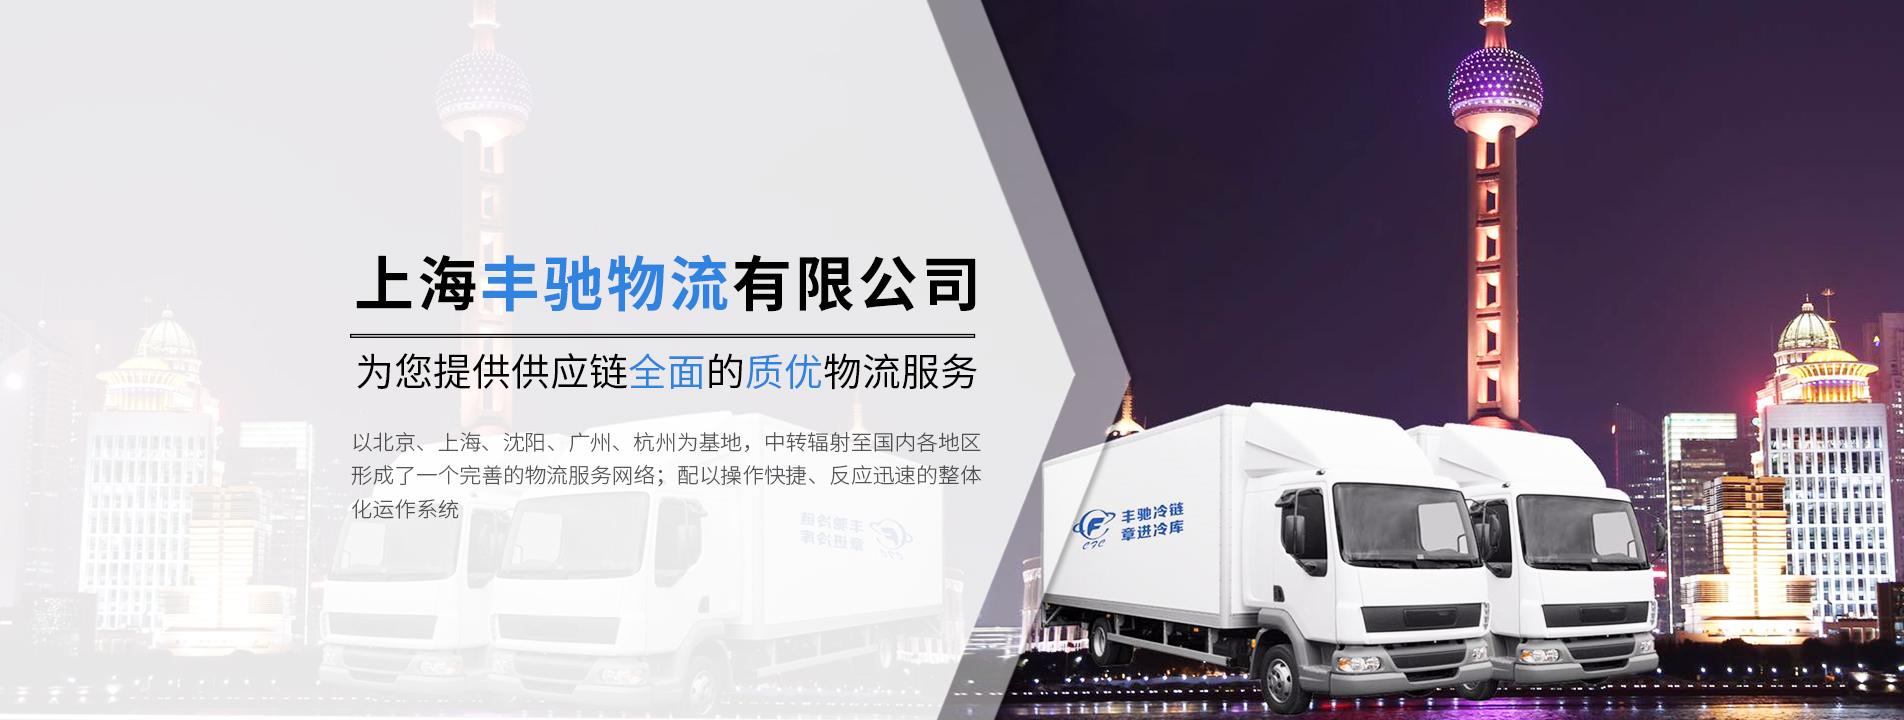 上海丰驰物流服务内容